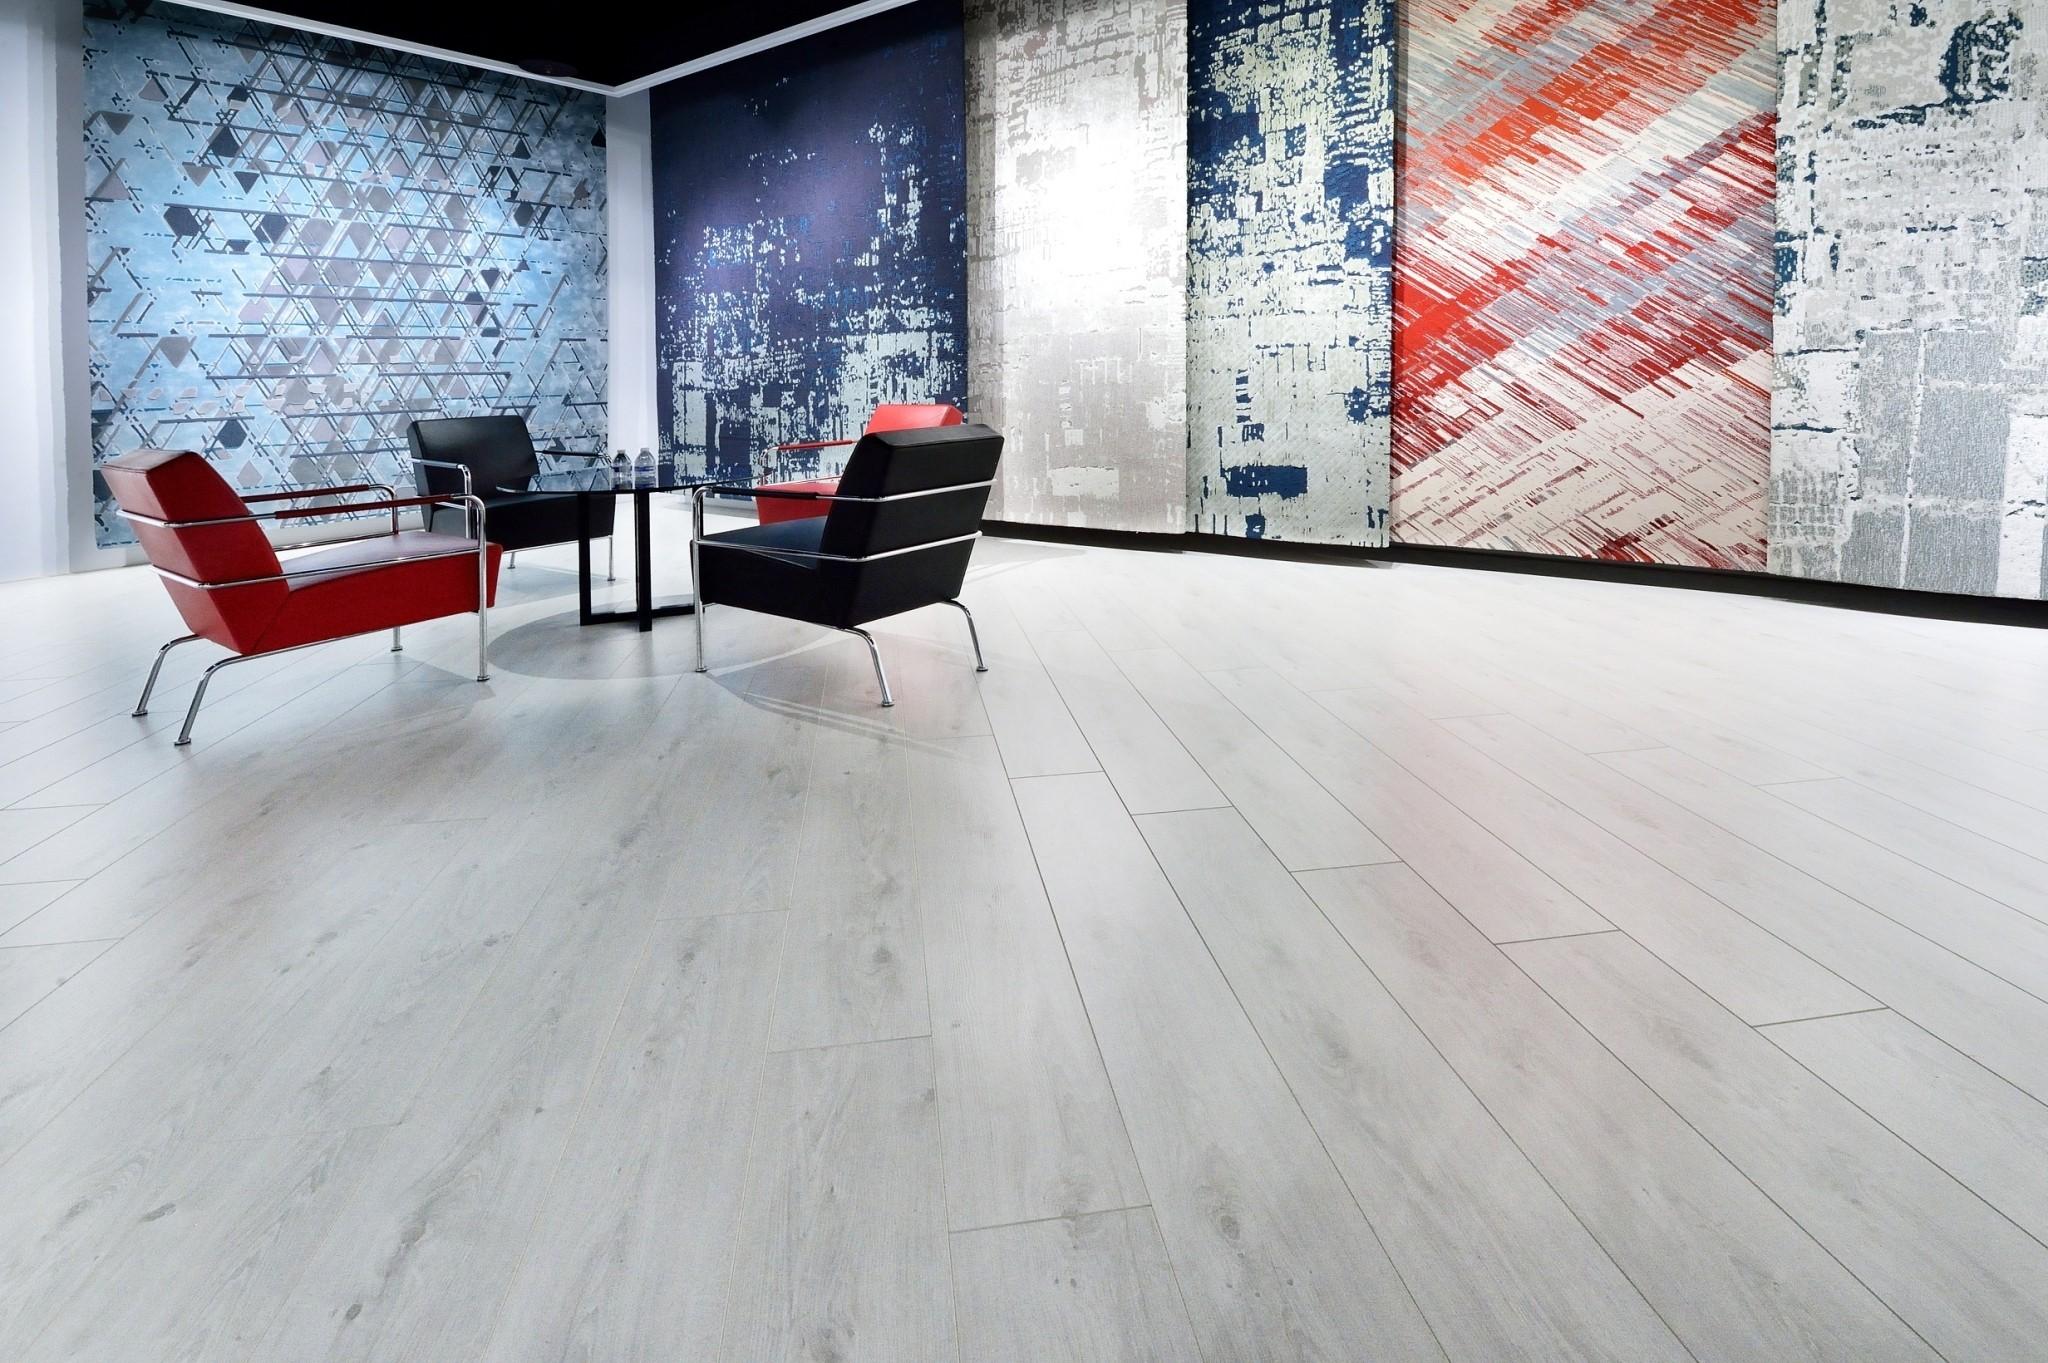 來自比利時高品質超耐磨木地板!優渥實木新上市